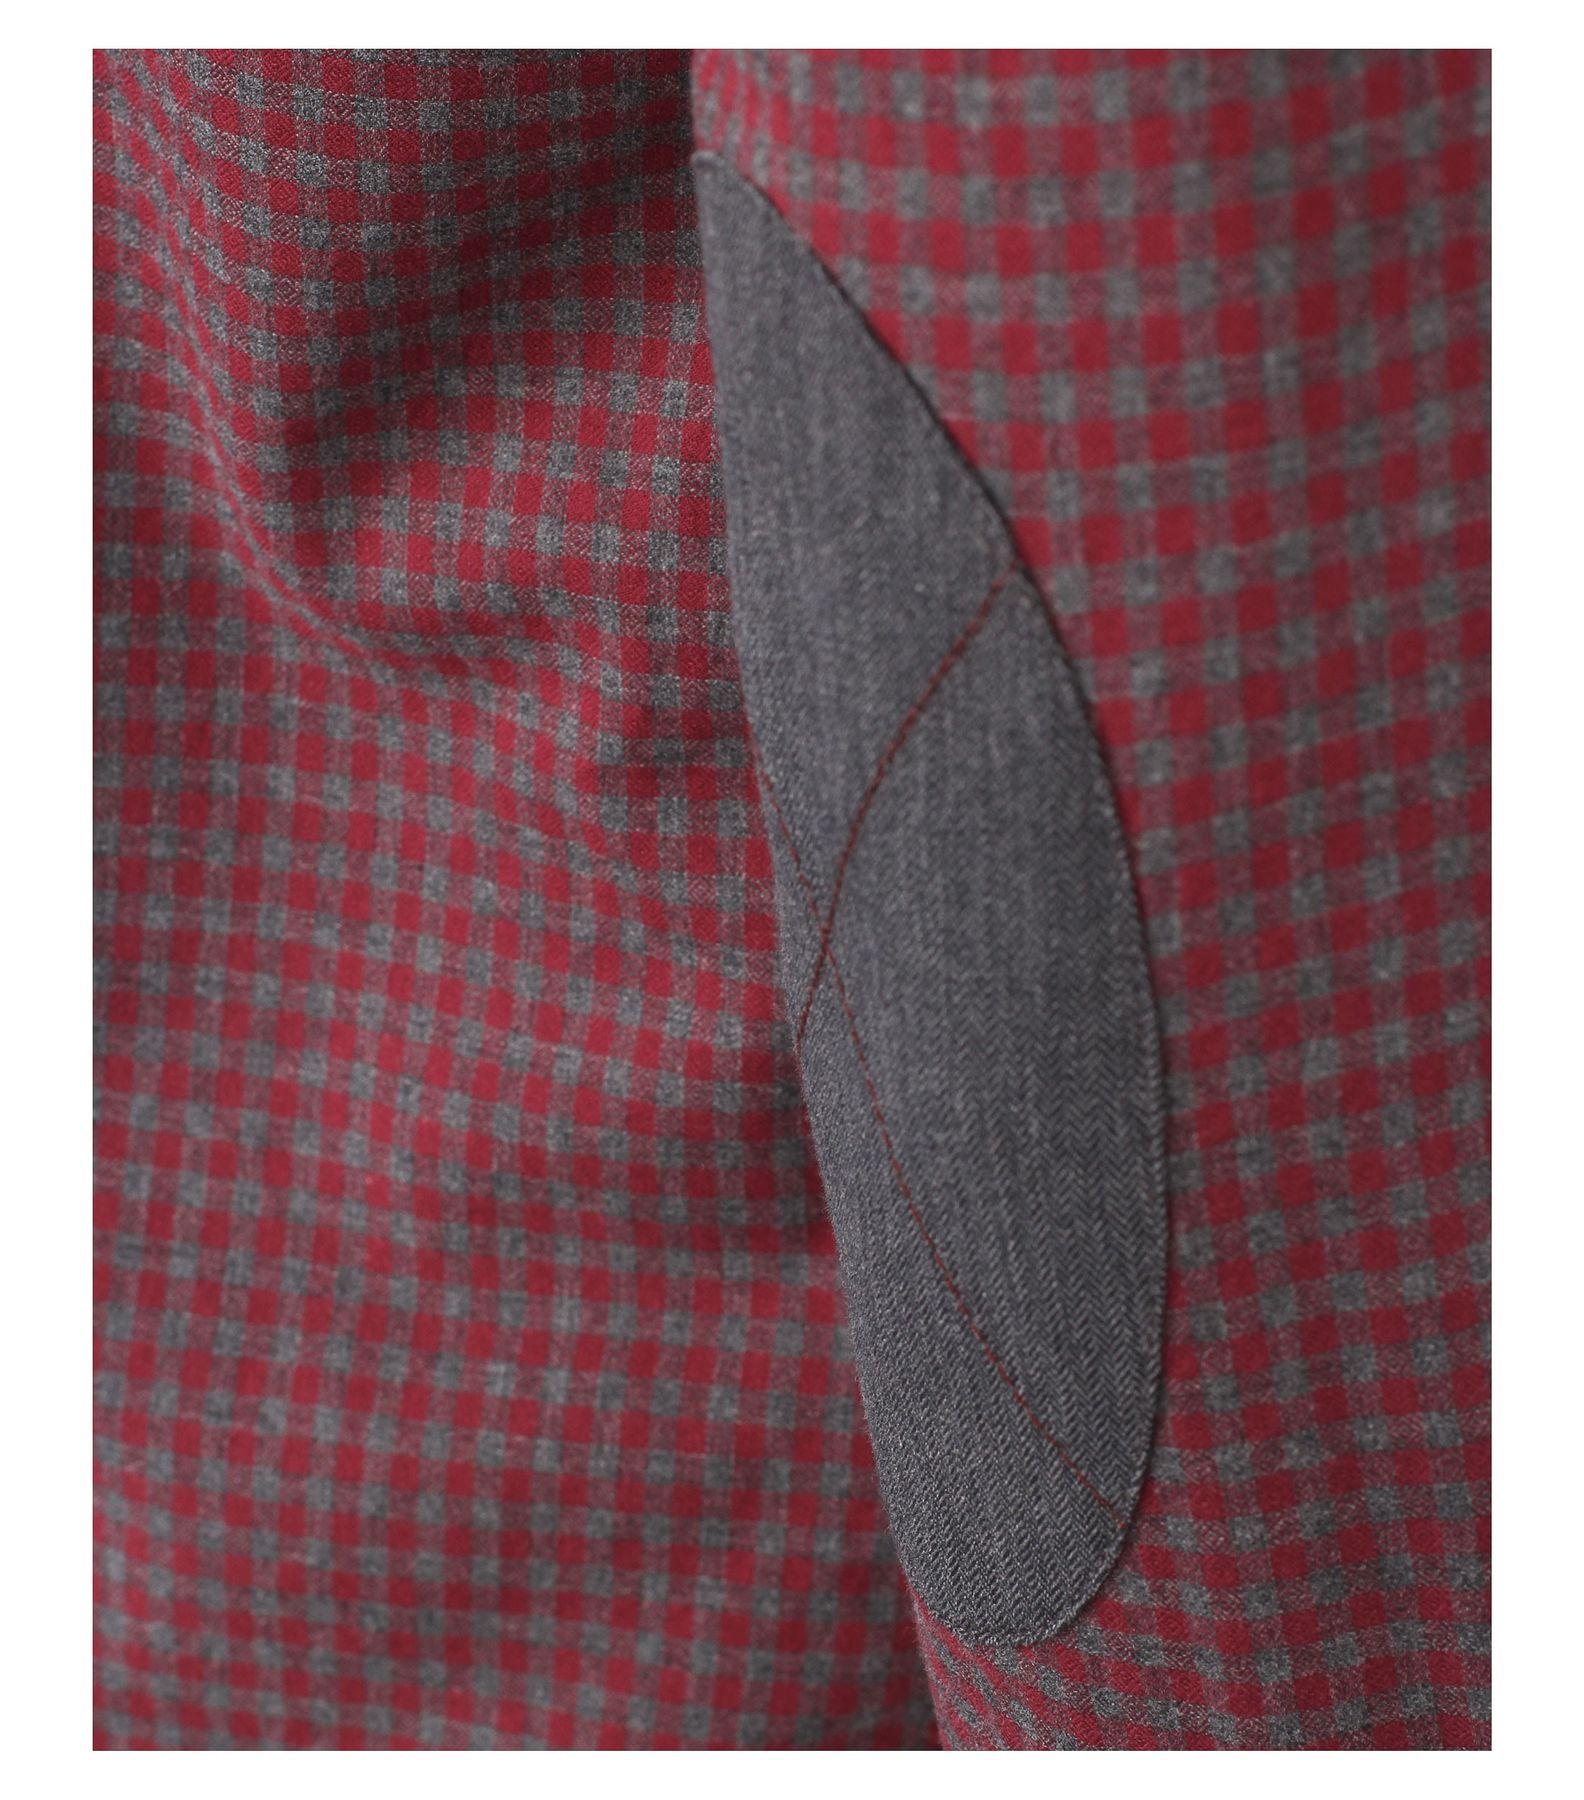 Casa Moda - Casual Fit - Herren langarm Hemd mit Kent Kragen und aus 100% Baumwolle (462554500A) – Bild 6